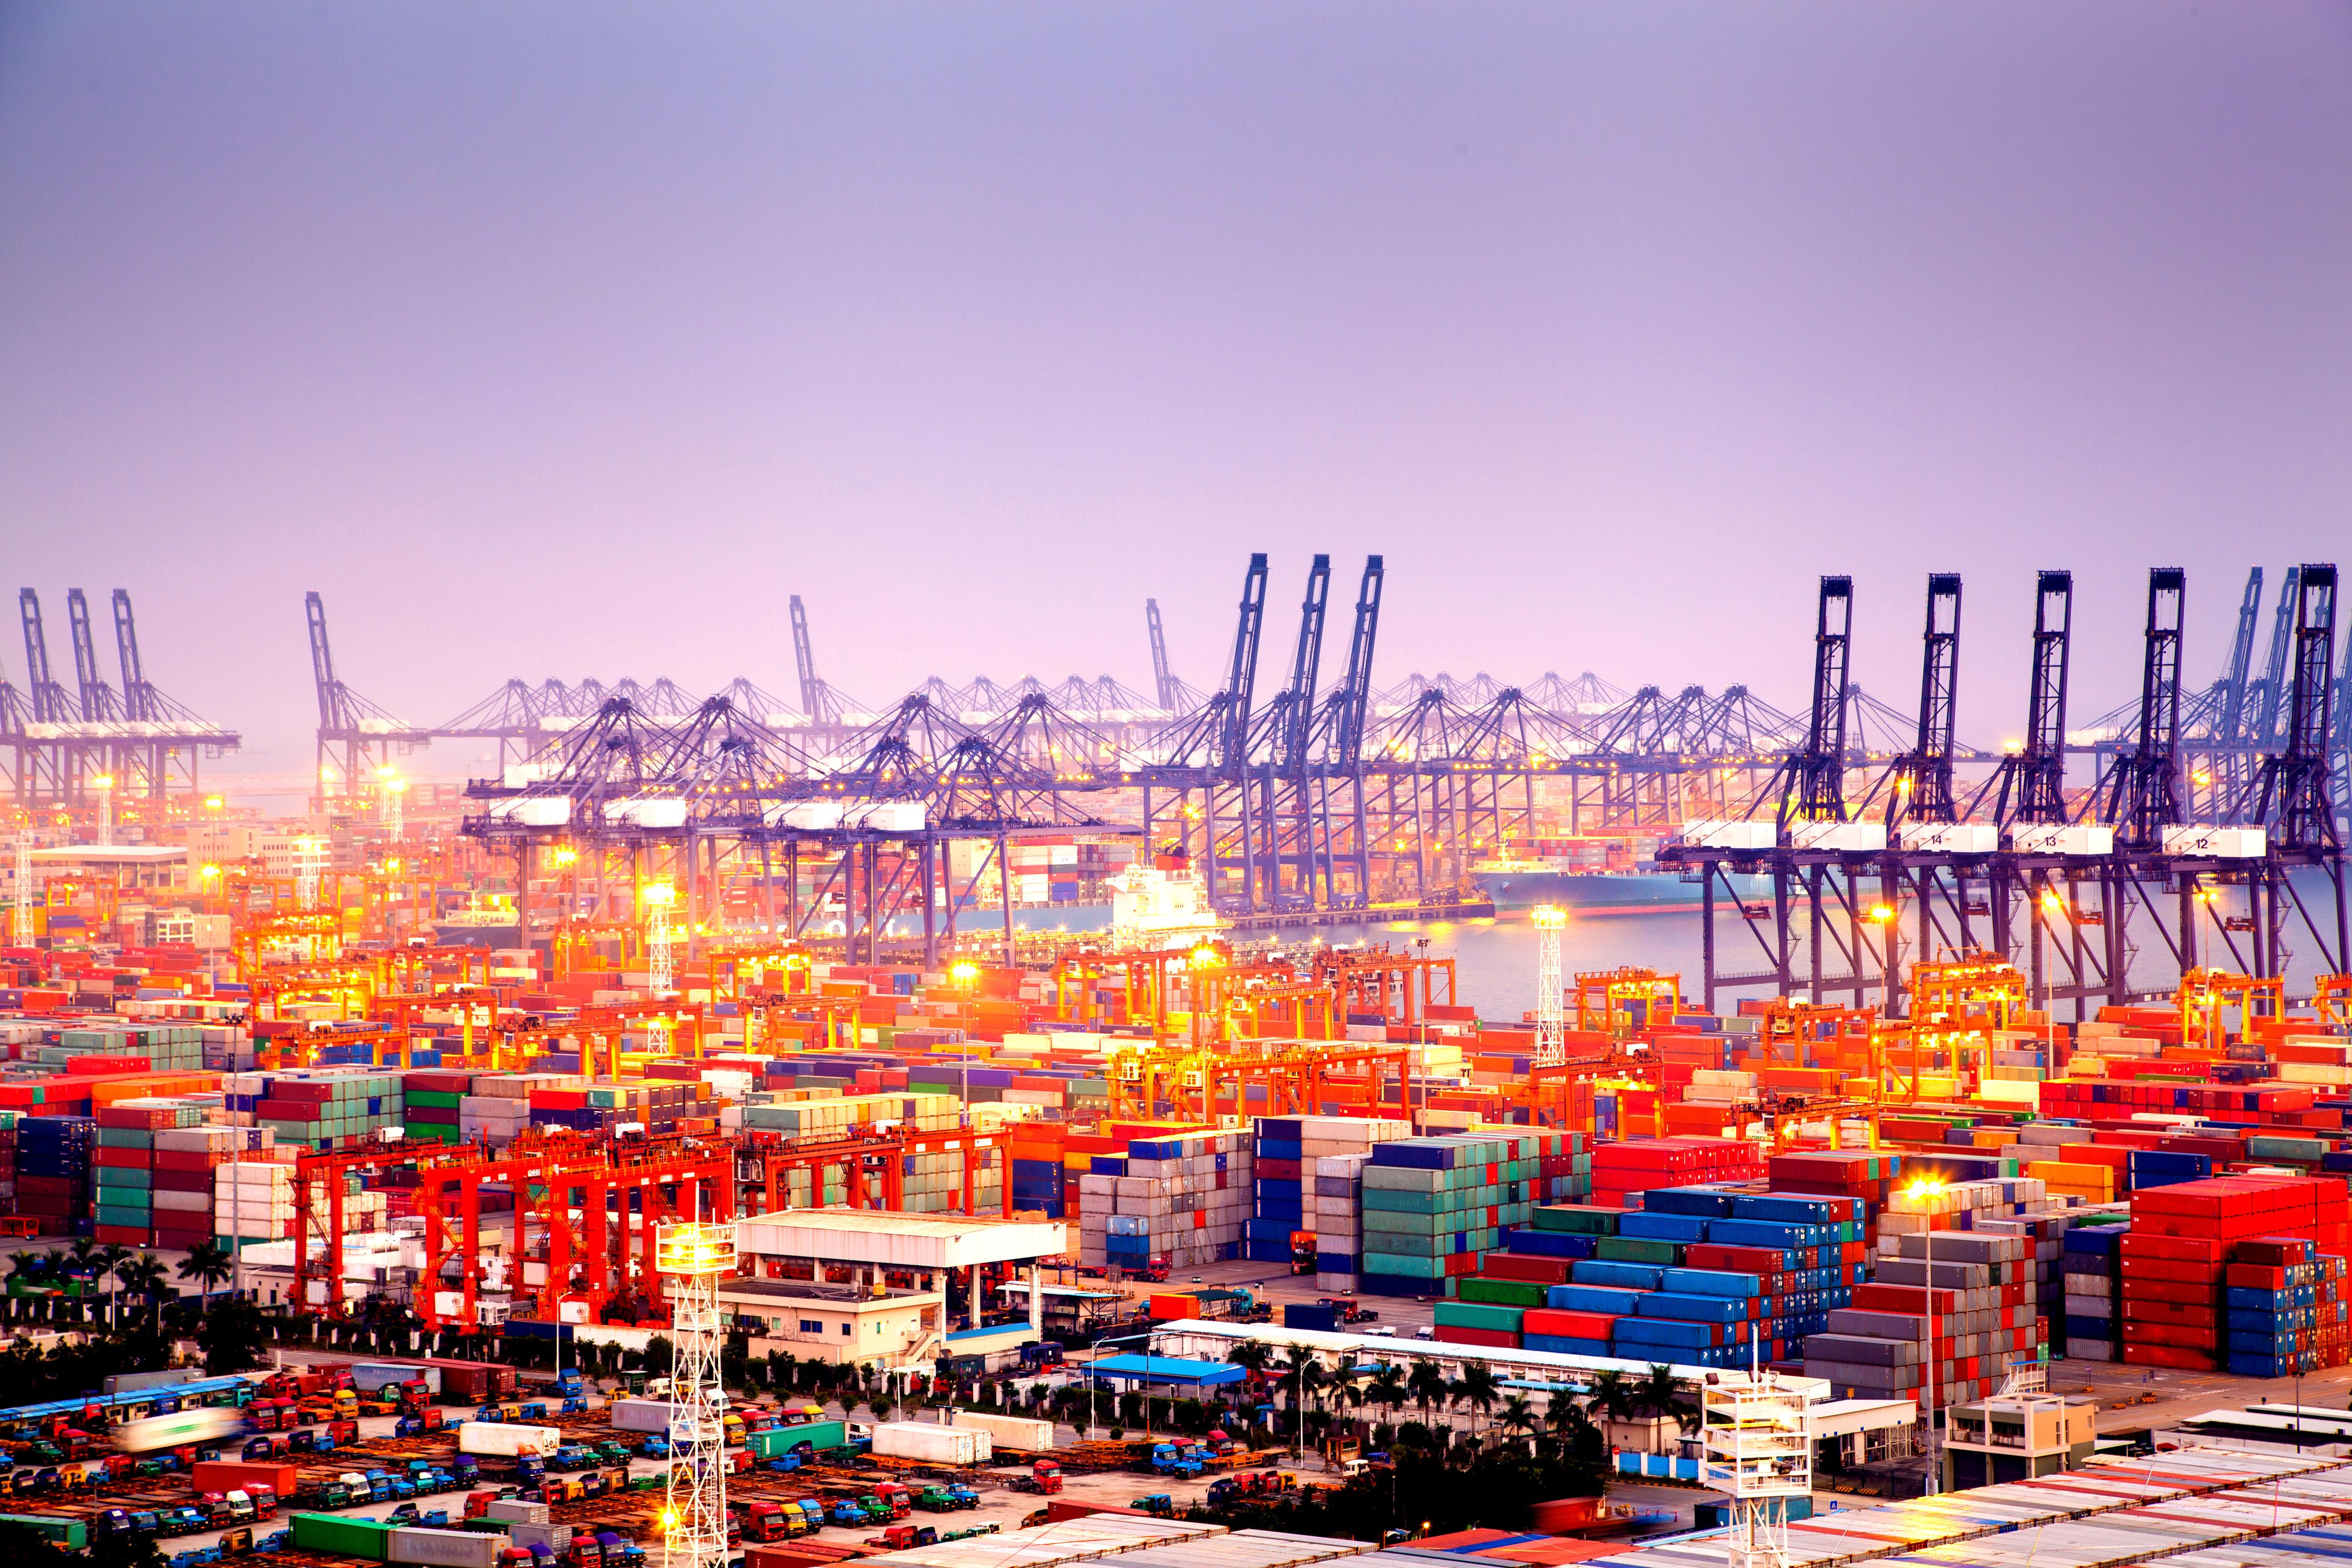 Cảng container quốc tế Diêm Điền ở Thẩm Quyến, Quảng Đông, Trung Quốc.